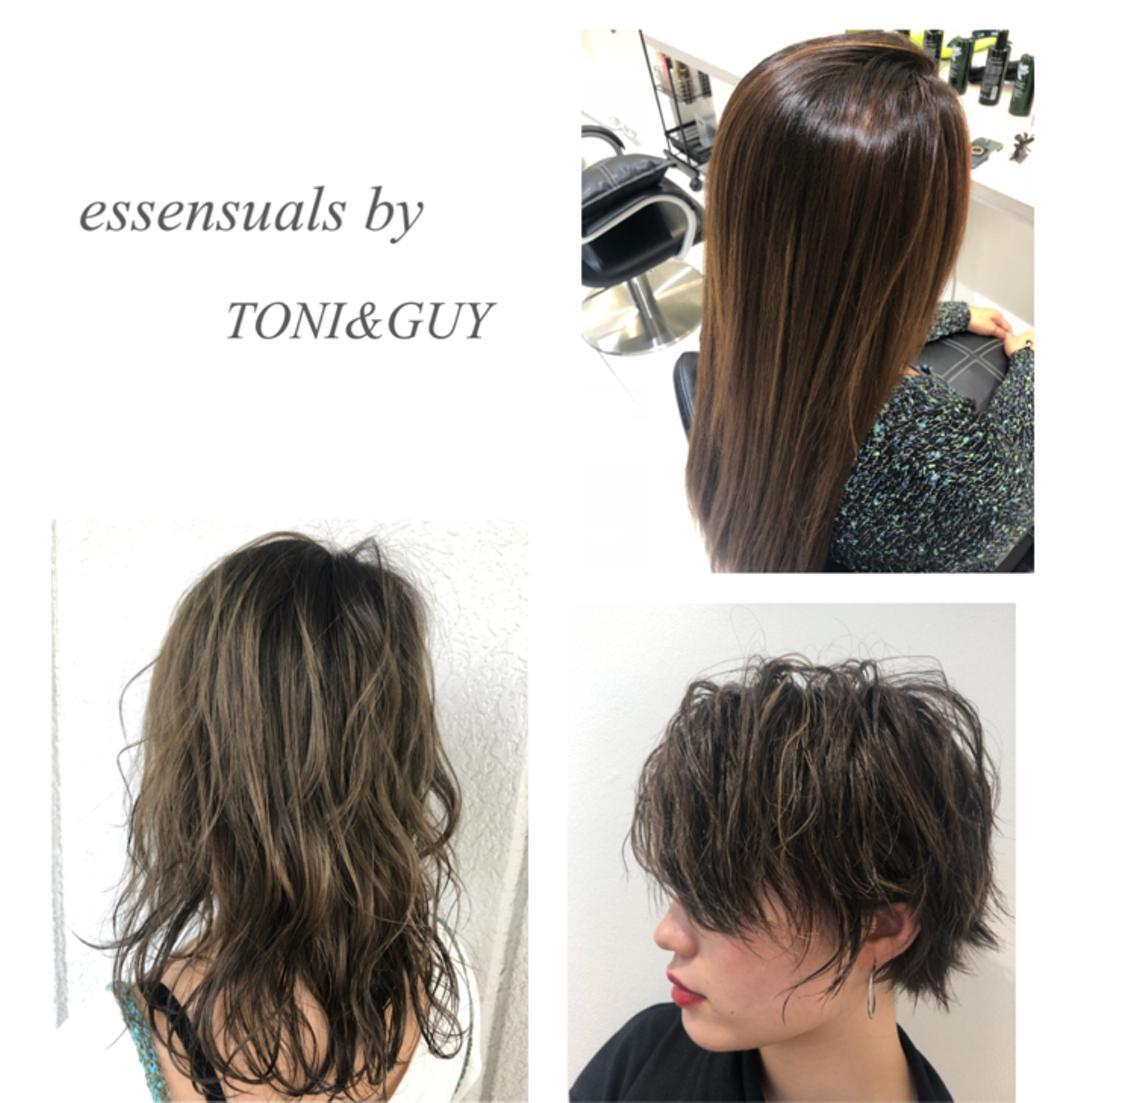 essensuals by TONI&GUY 銀座店所属・根本奈美の掲載